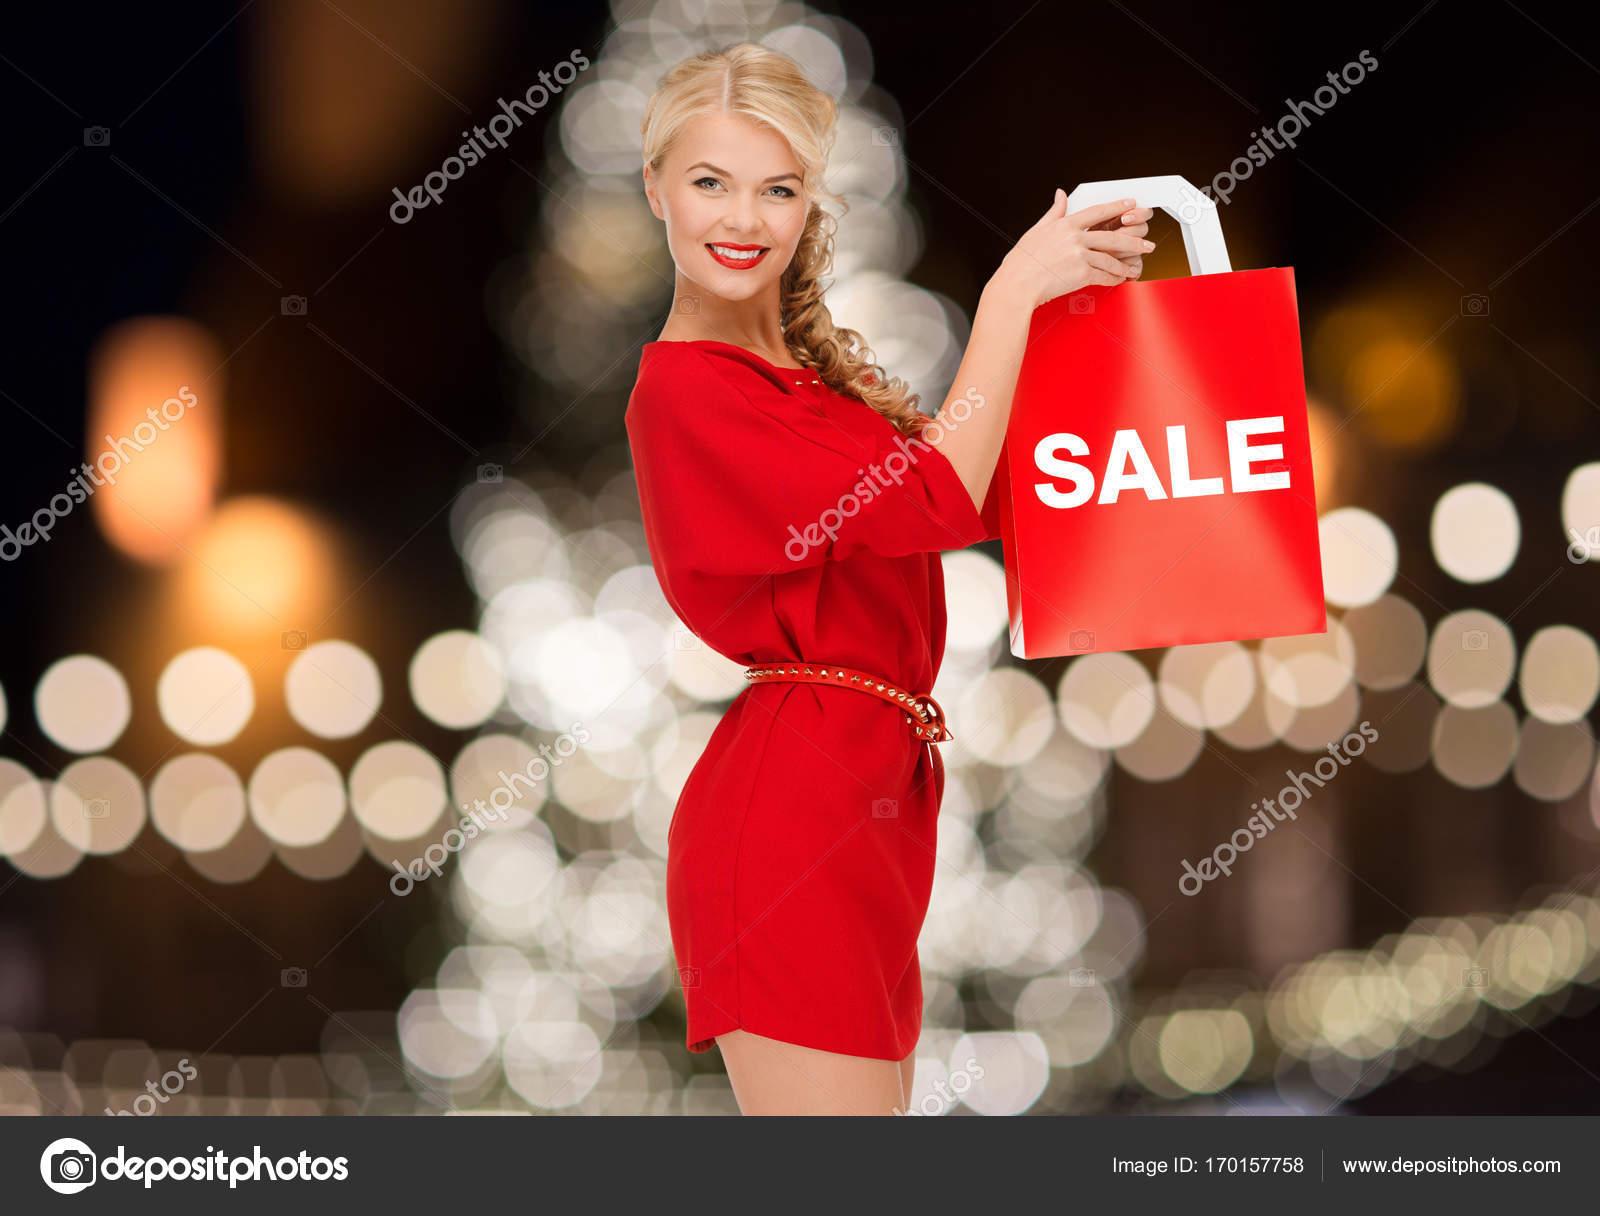 Palabra mujer con vestido rojo